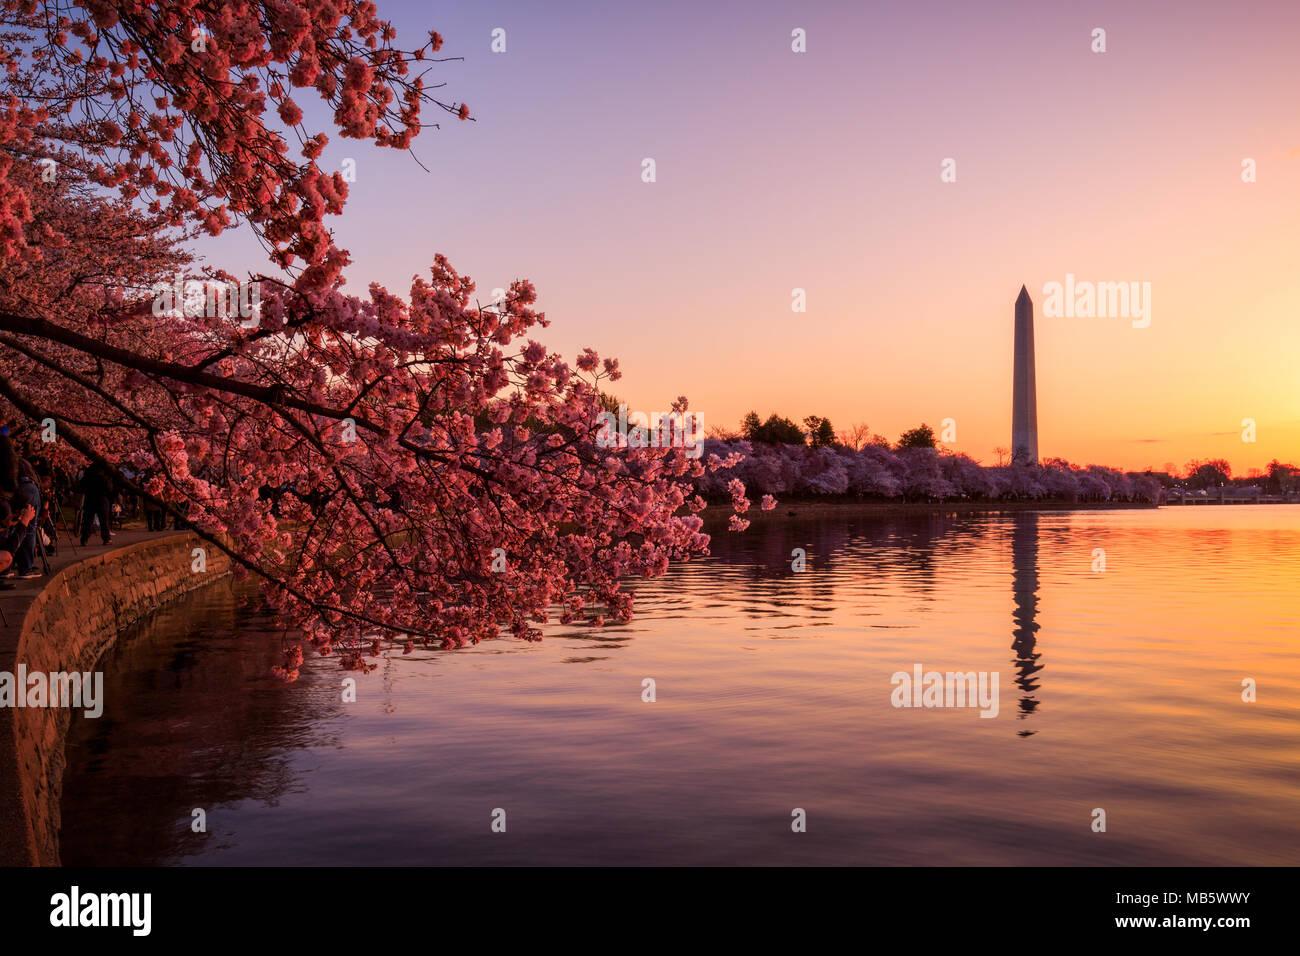 Soleil sur le bassin de marée au cours de la floraison des cerisiers en fleur Photo Stock